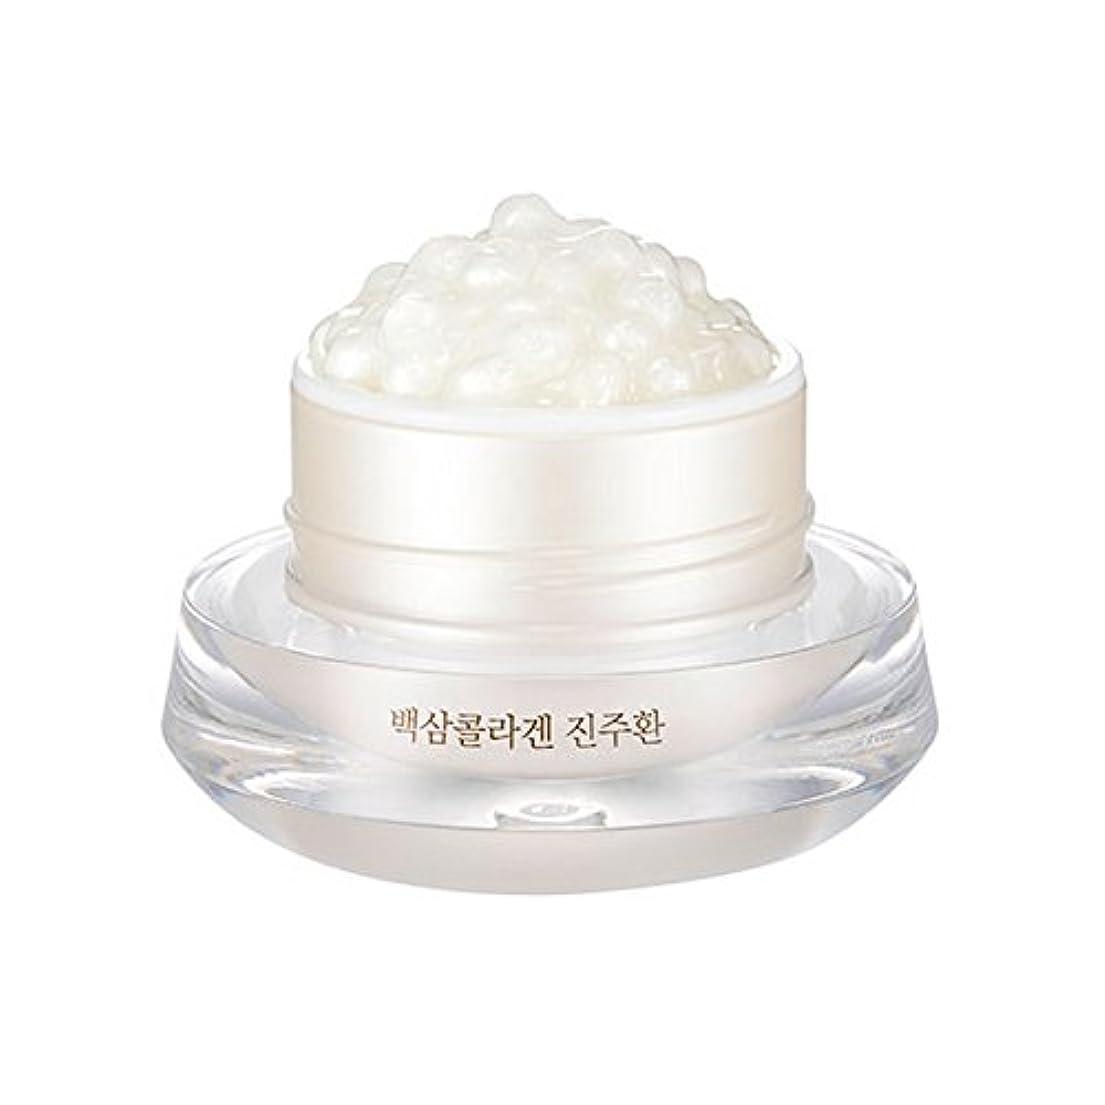 第二オレンジキャリア[ザ?フェイスショップ] The Face Shop 白参 コラーゲン パール カプセルクリーム White Ginseng Collagen Pearl Capsule Cream [並行輸入品]